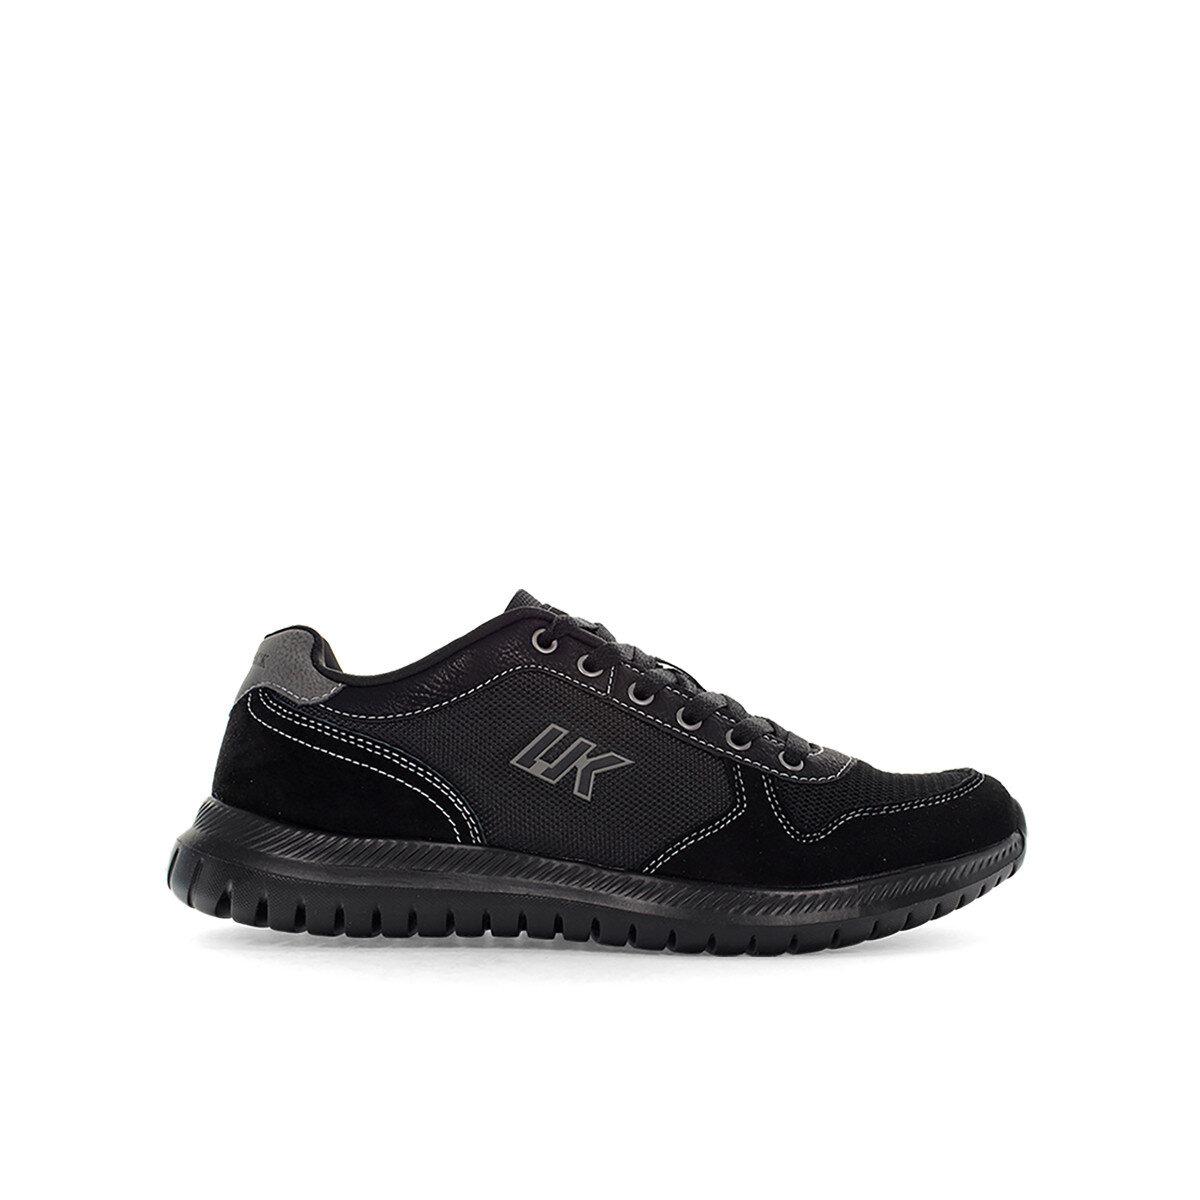 YURI Sneakers Uomo